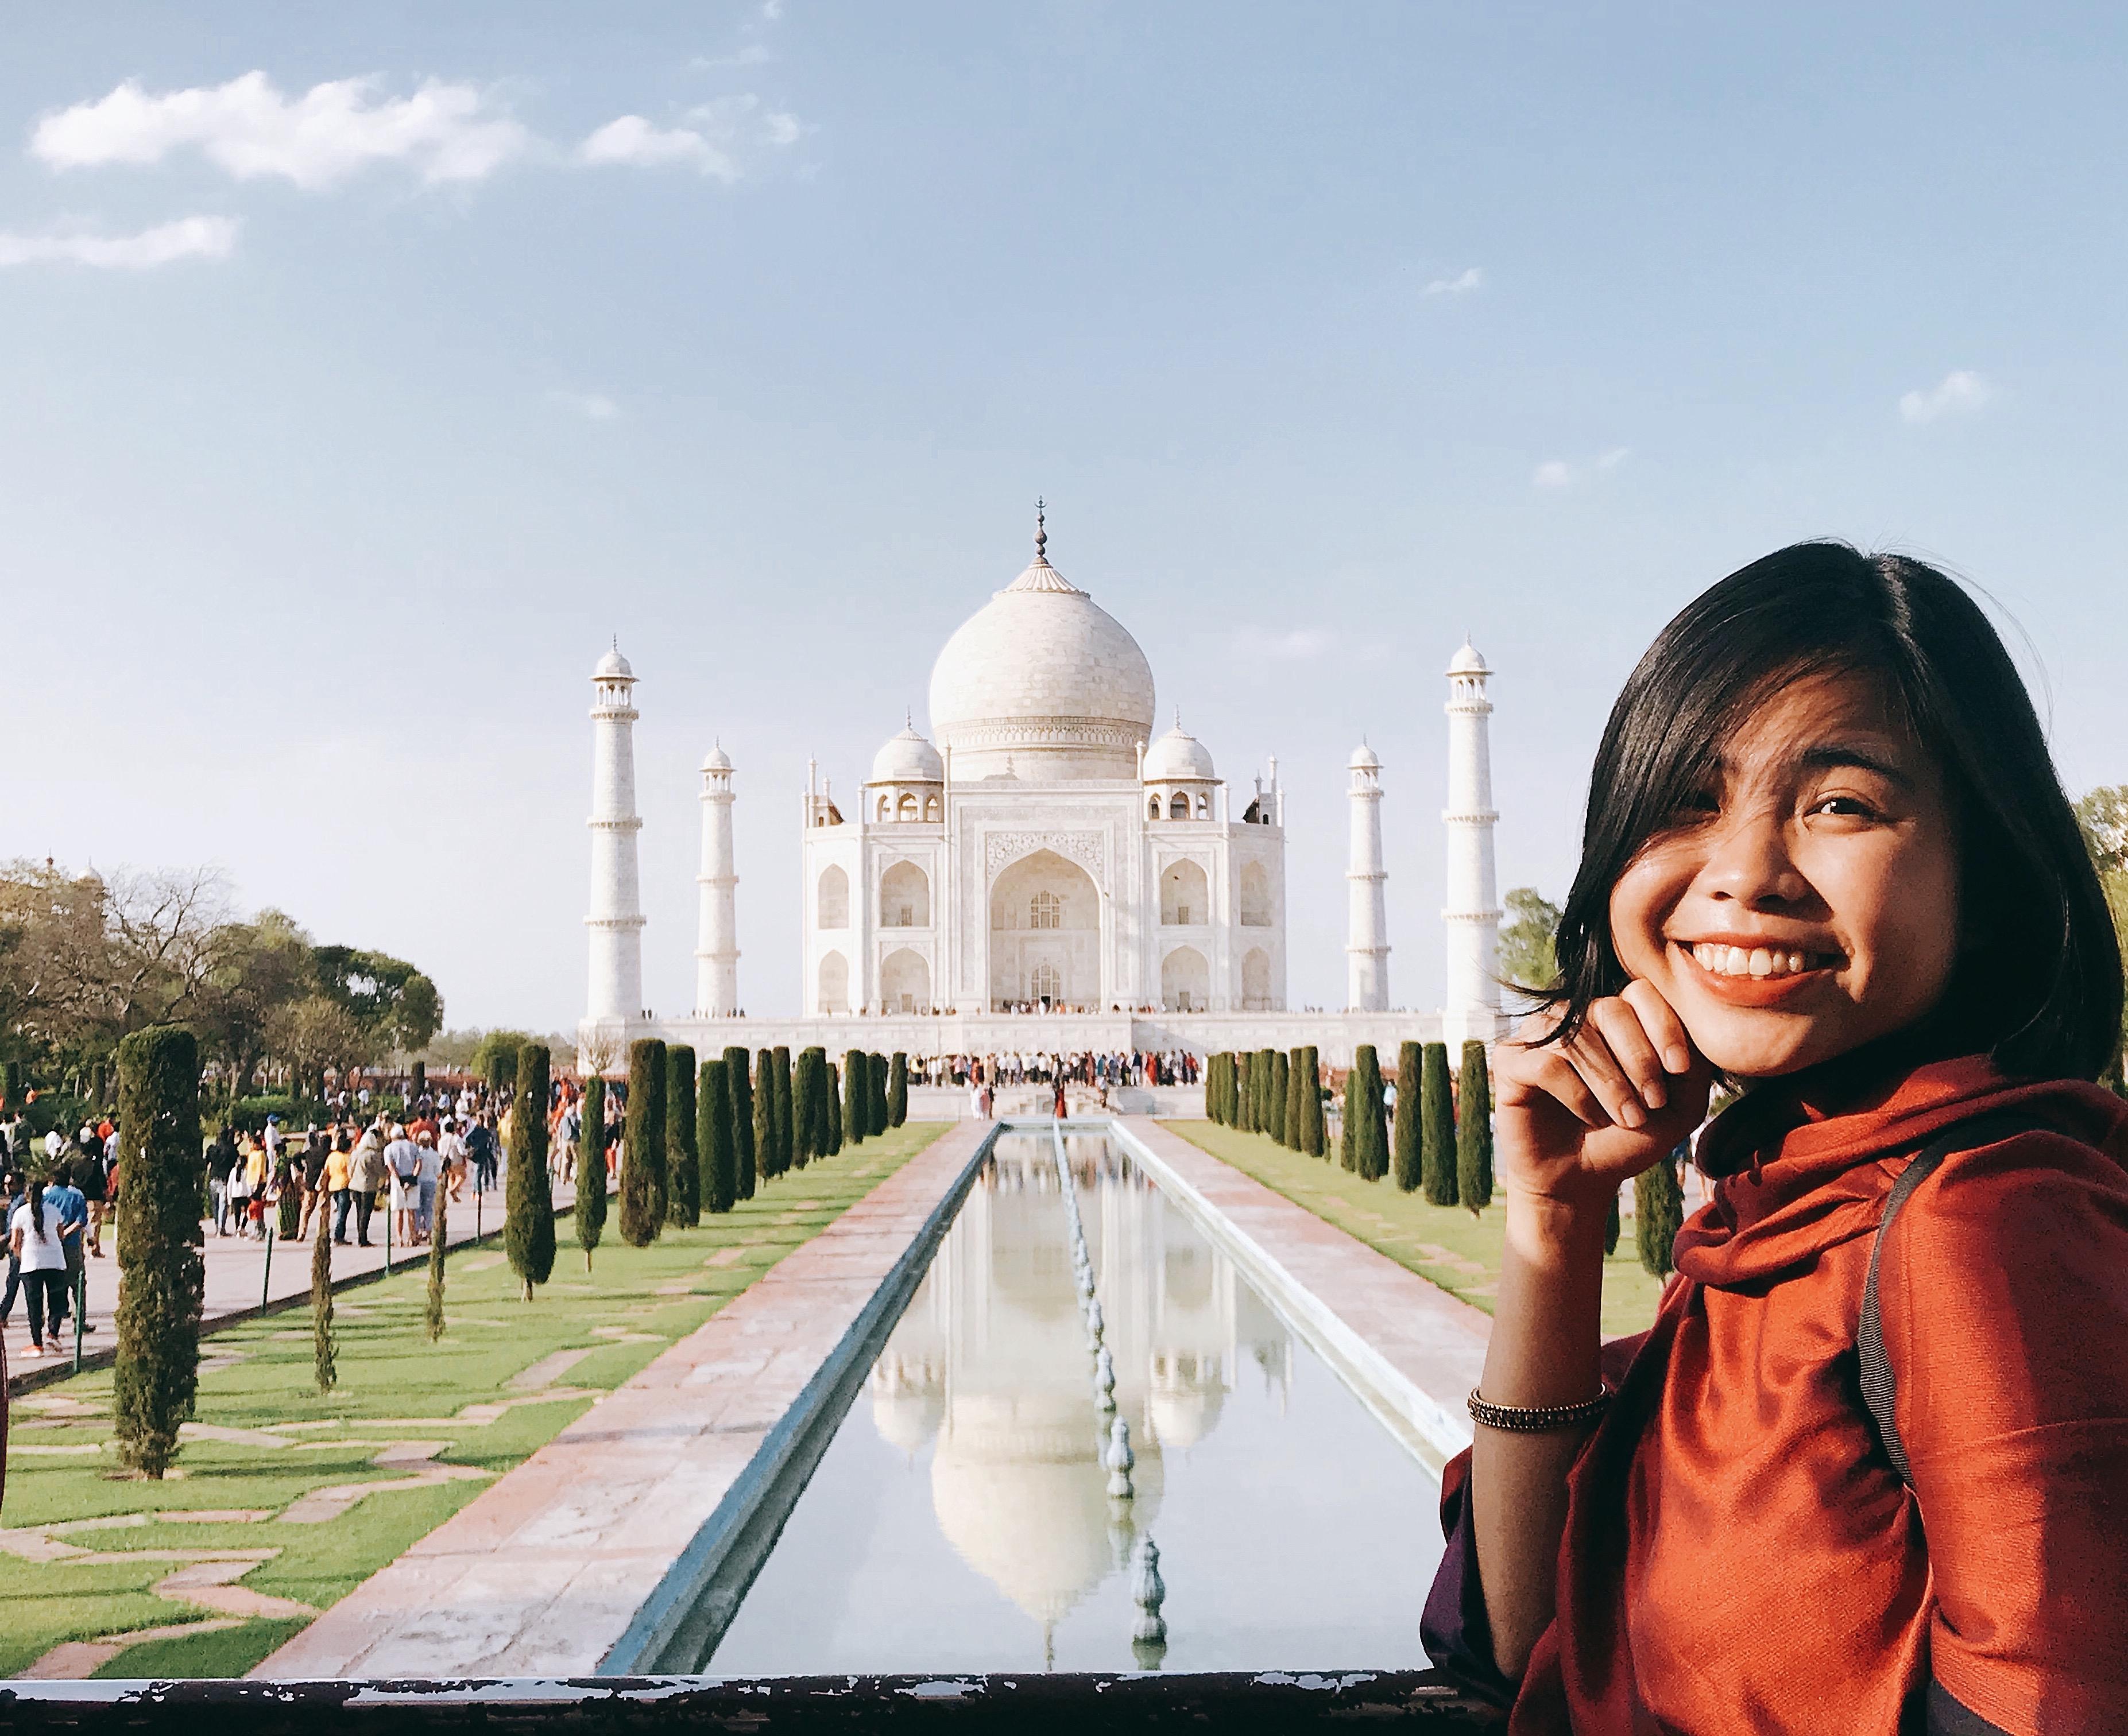 Series xông xáo tạo hình trước Taj Mahal